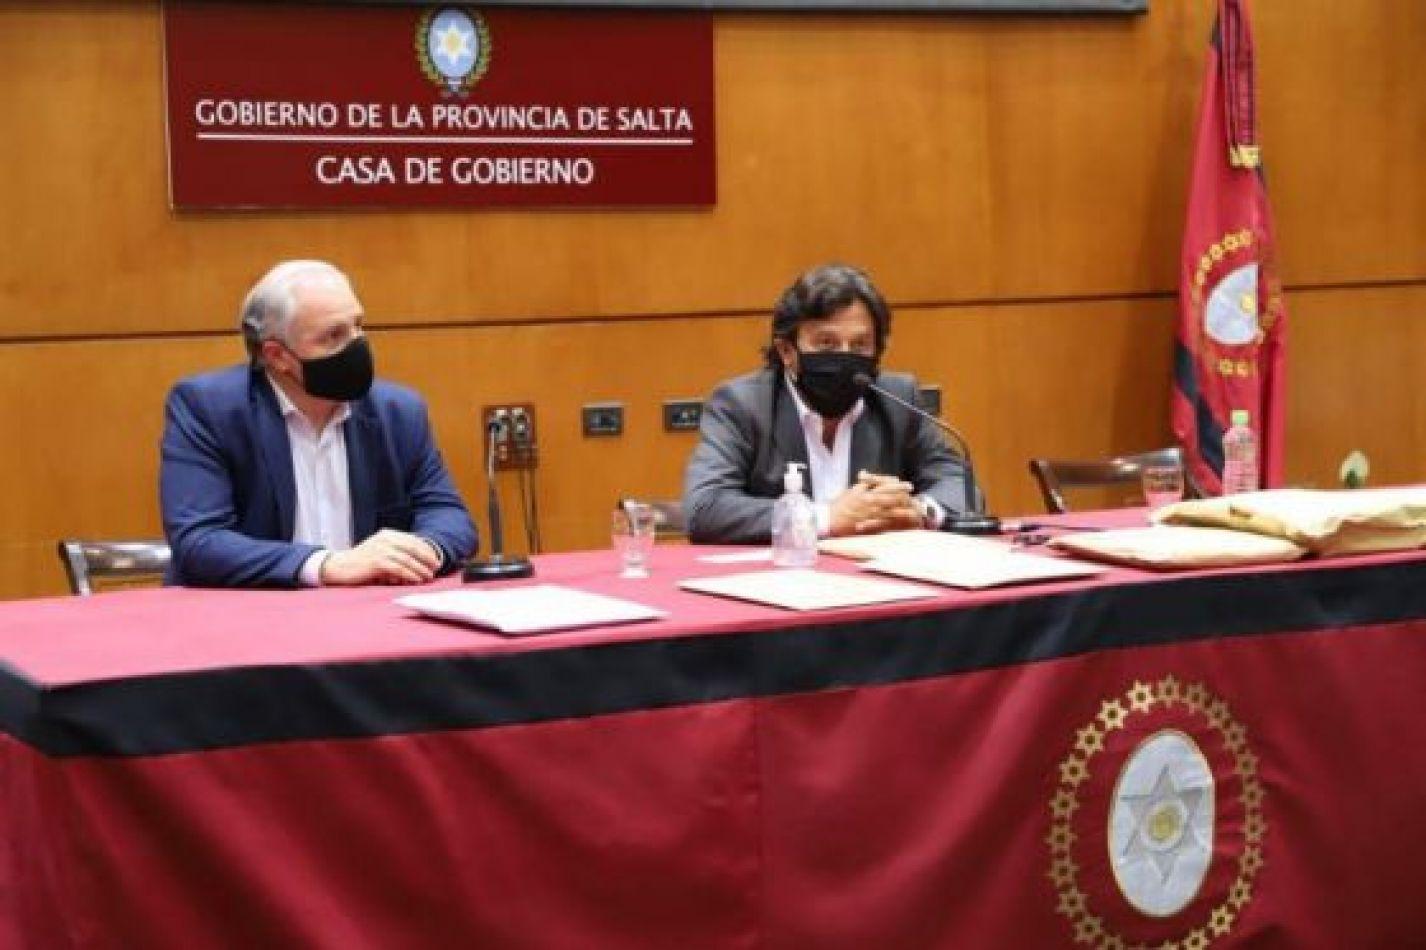 Más infraestructura escolar en Salta con una inversión superior a los $270 millones